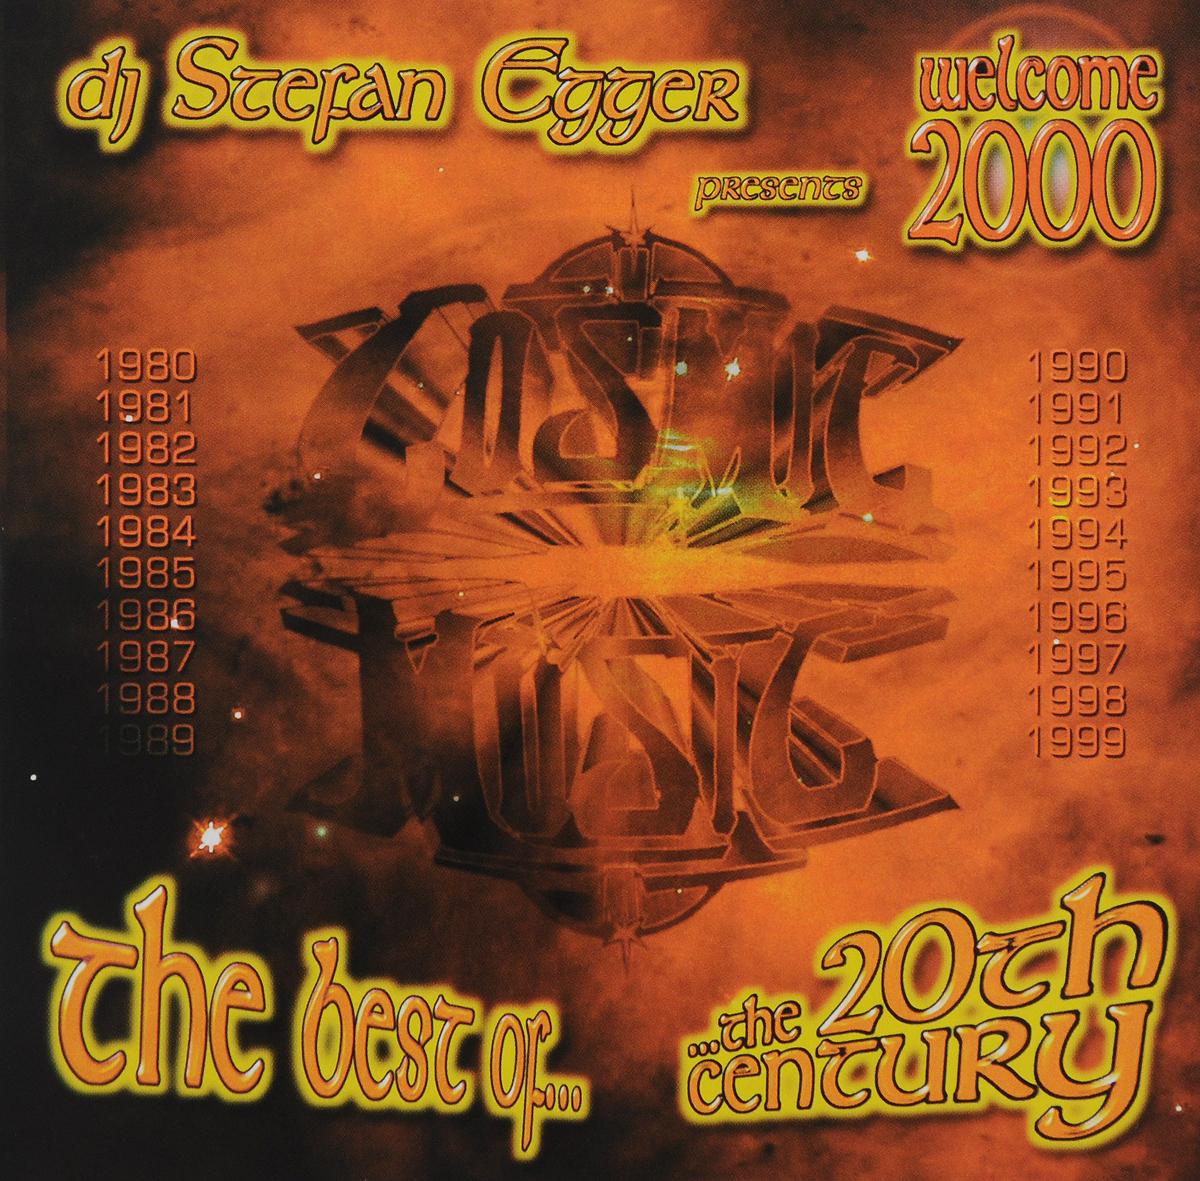 Stefan Egger / DJ Dj Egger. Best Of The 20th Century